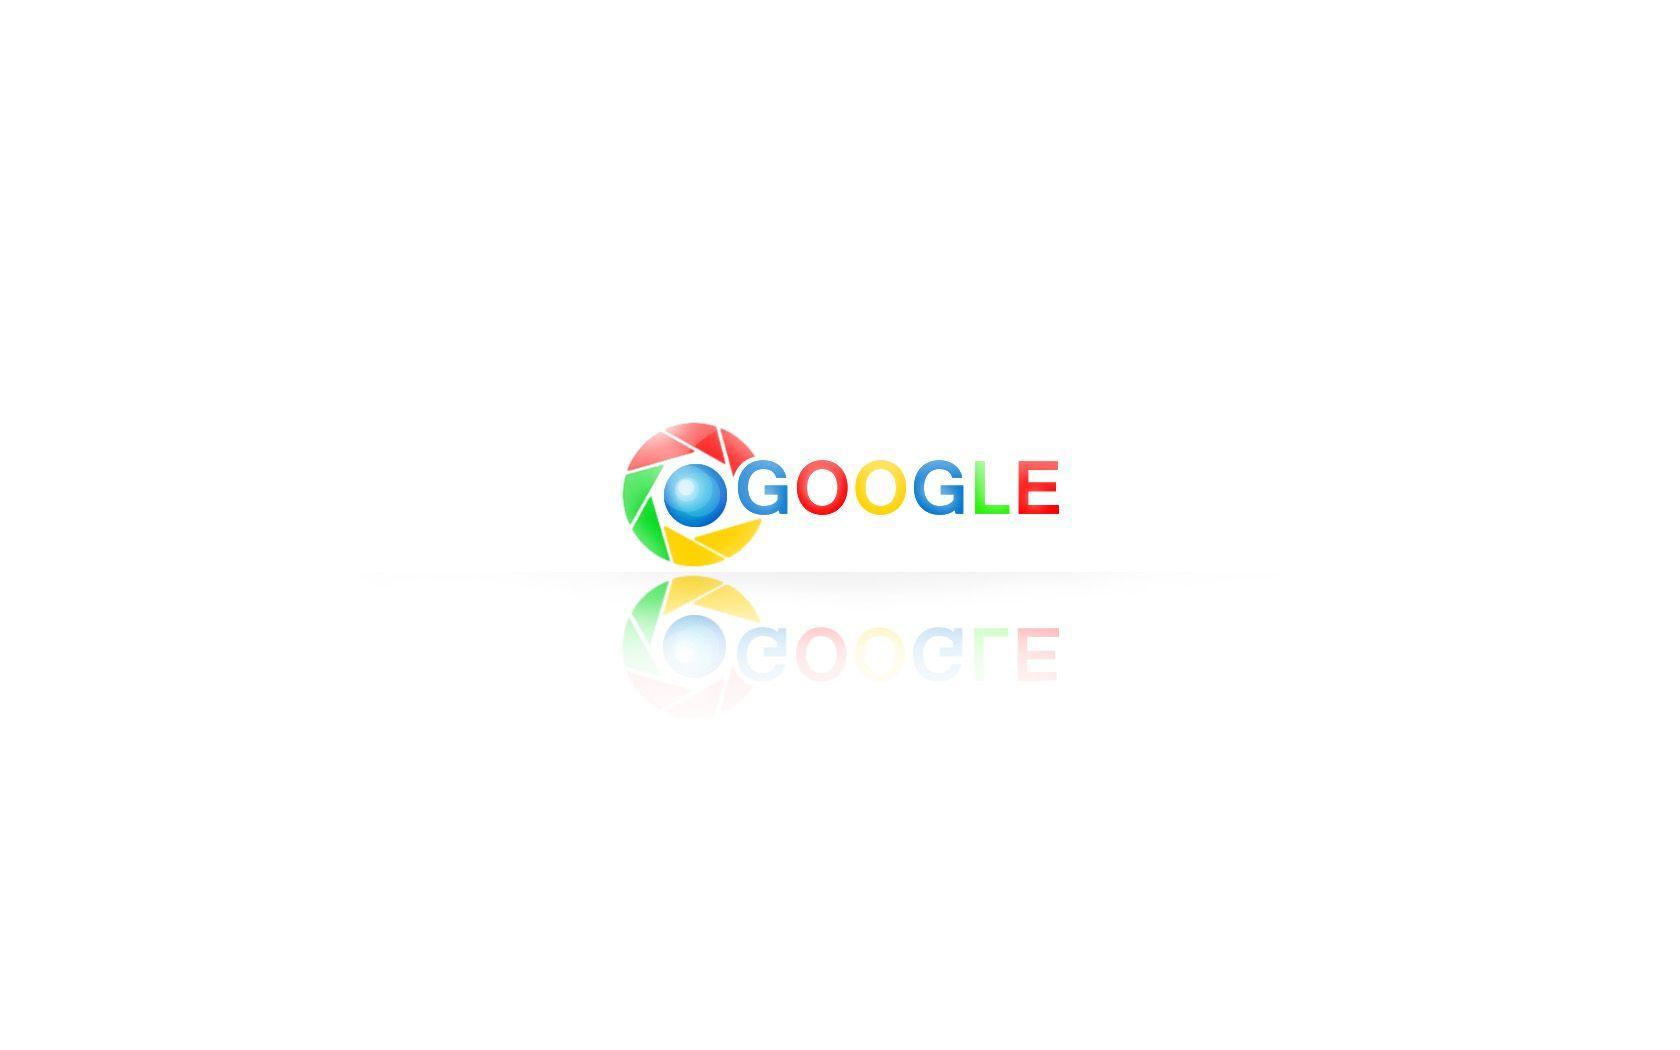 Google chrome themes top 10 - Google Chrome Themes Wallpaper 55071 Best Hd Wallpapers Wallpaiper